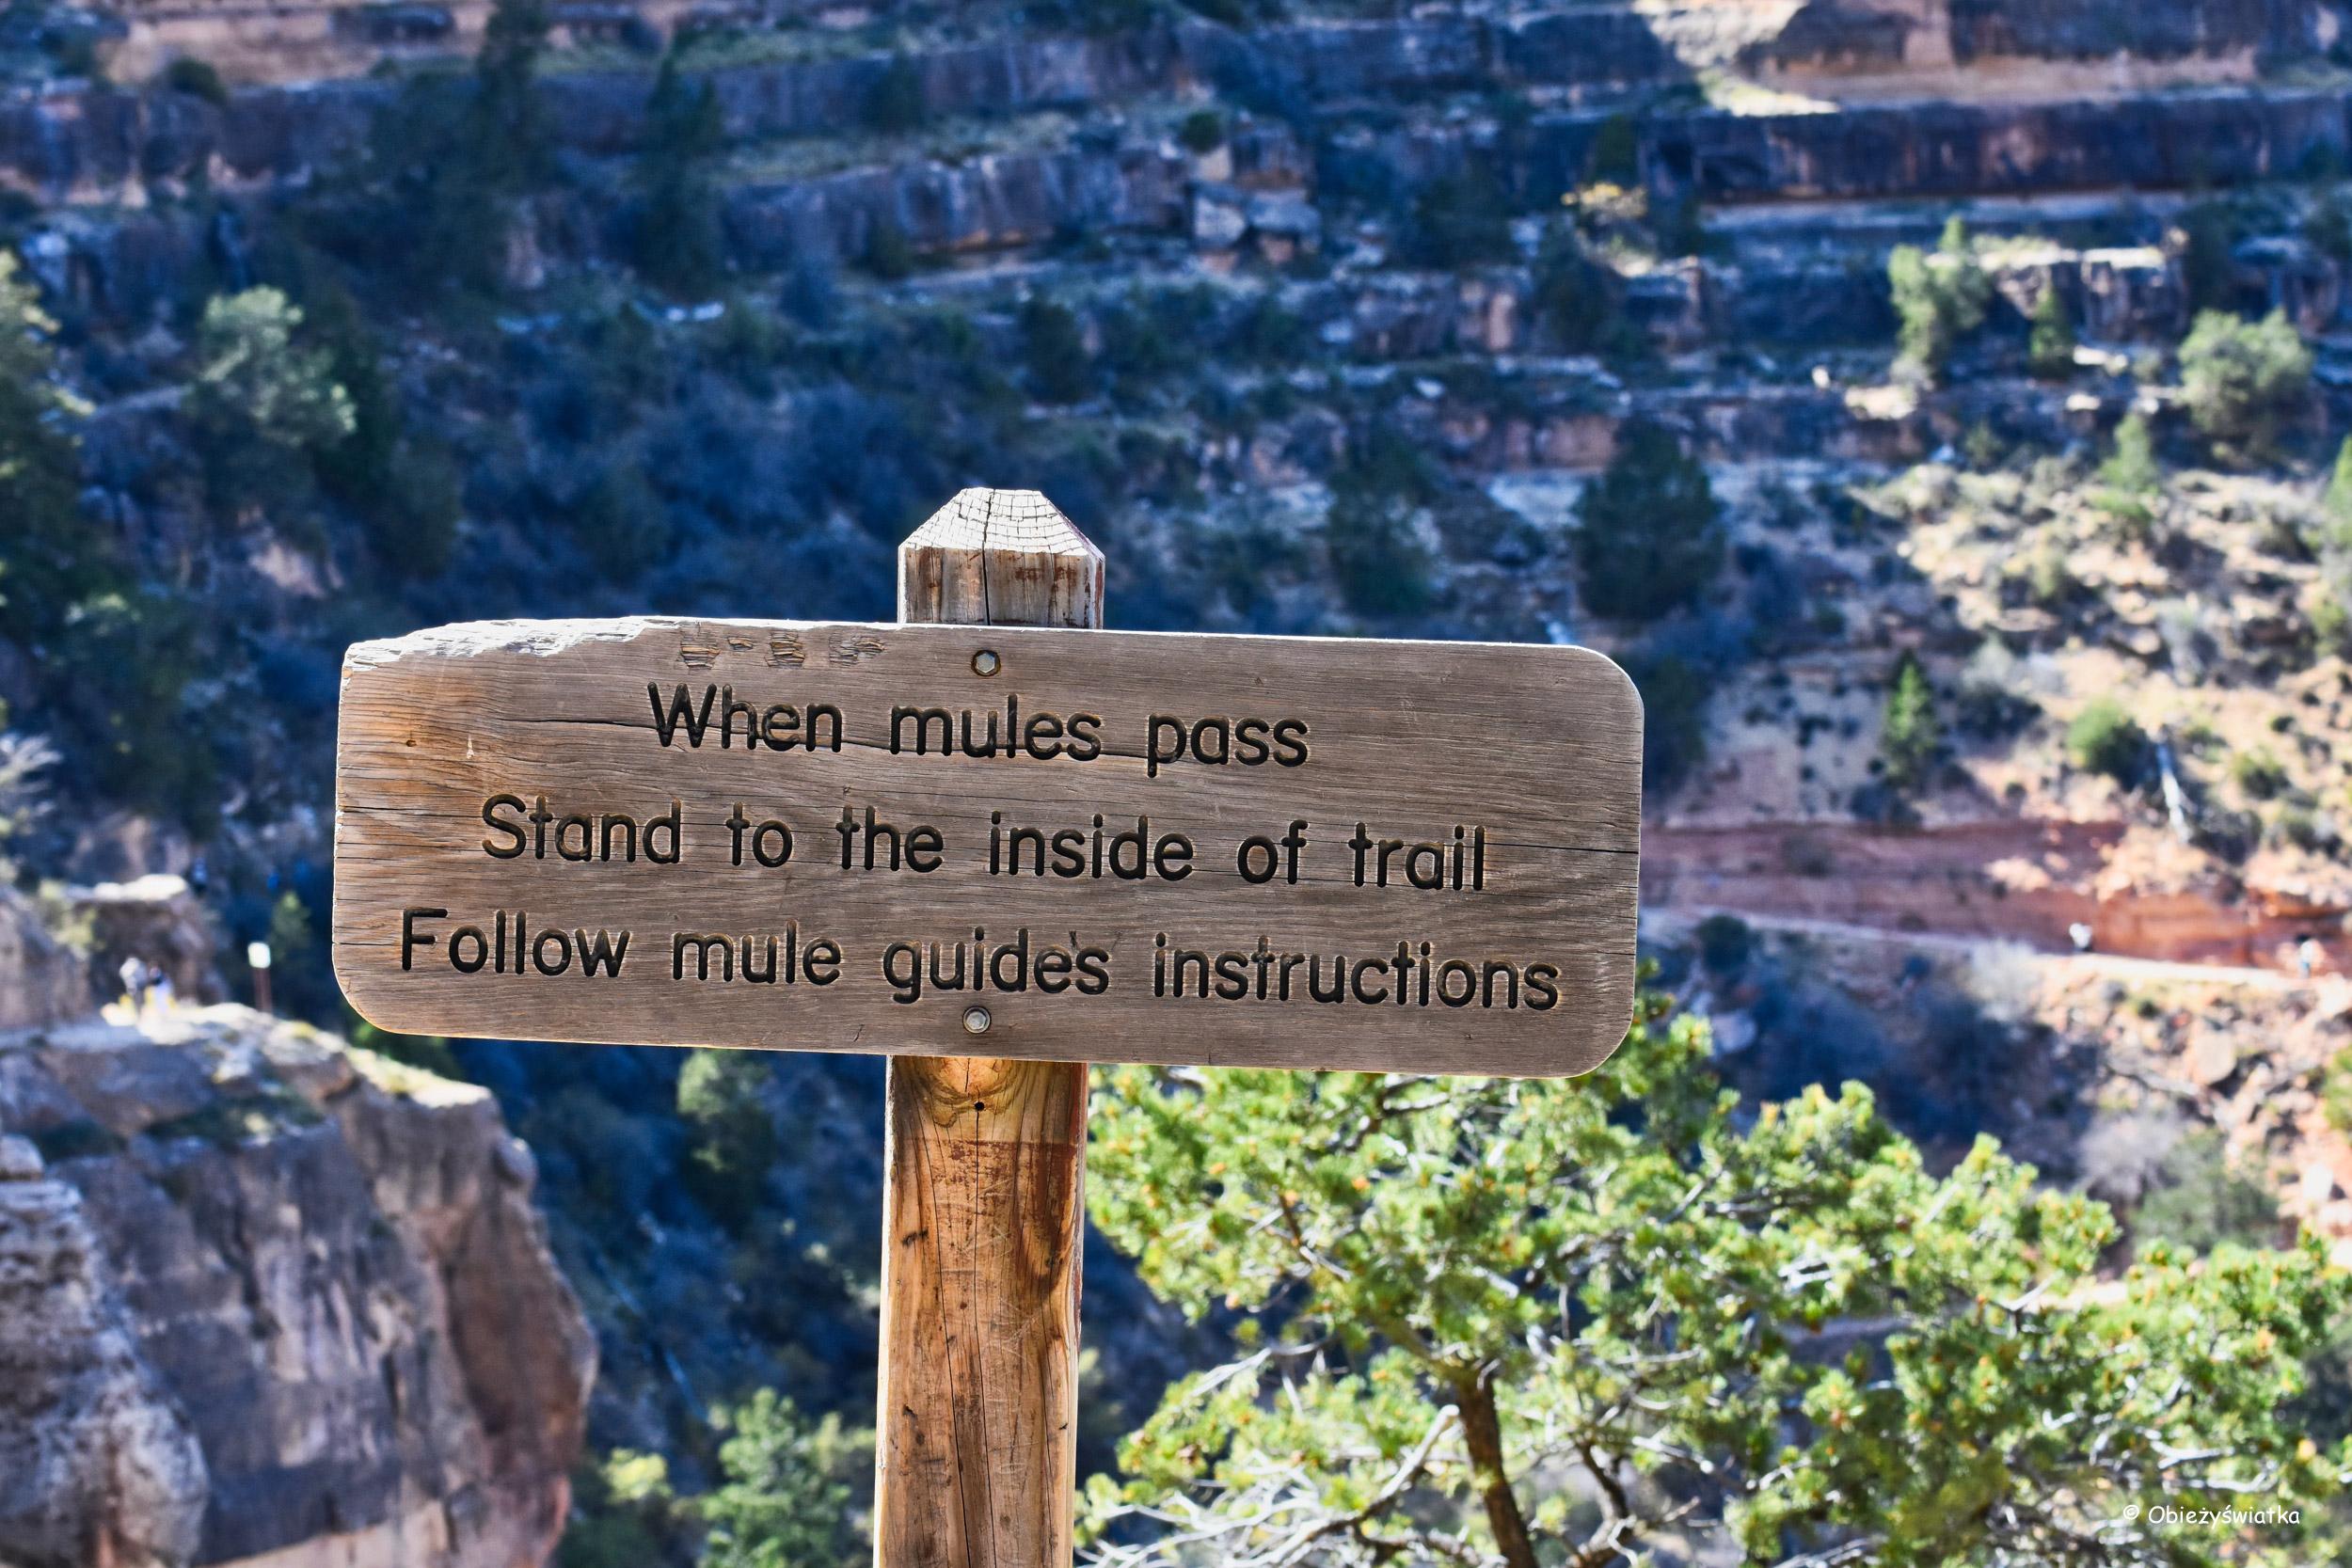 I wszystko jasne! - Grand Canyon National Park, Arizona, USA